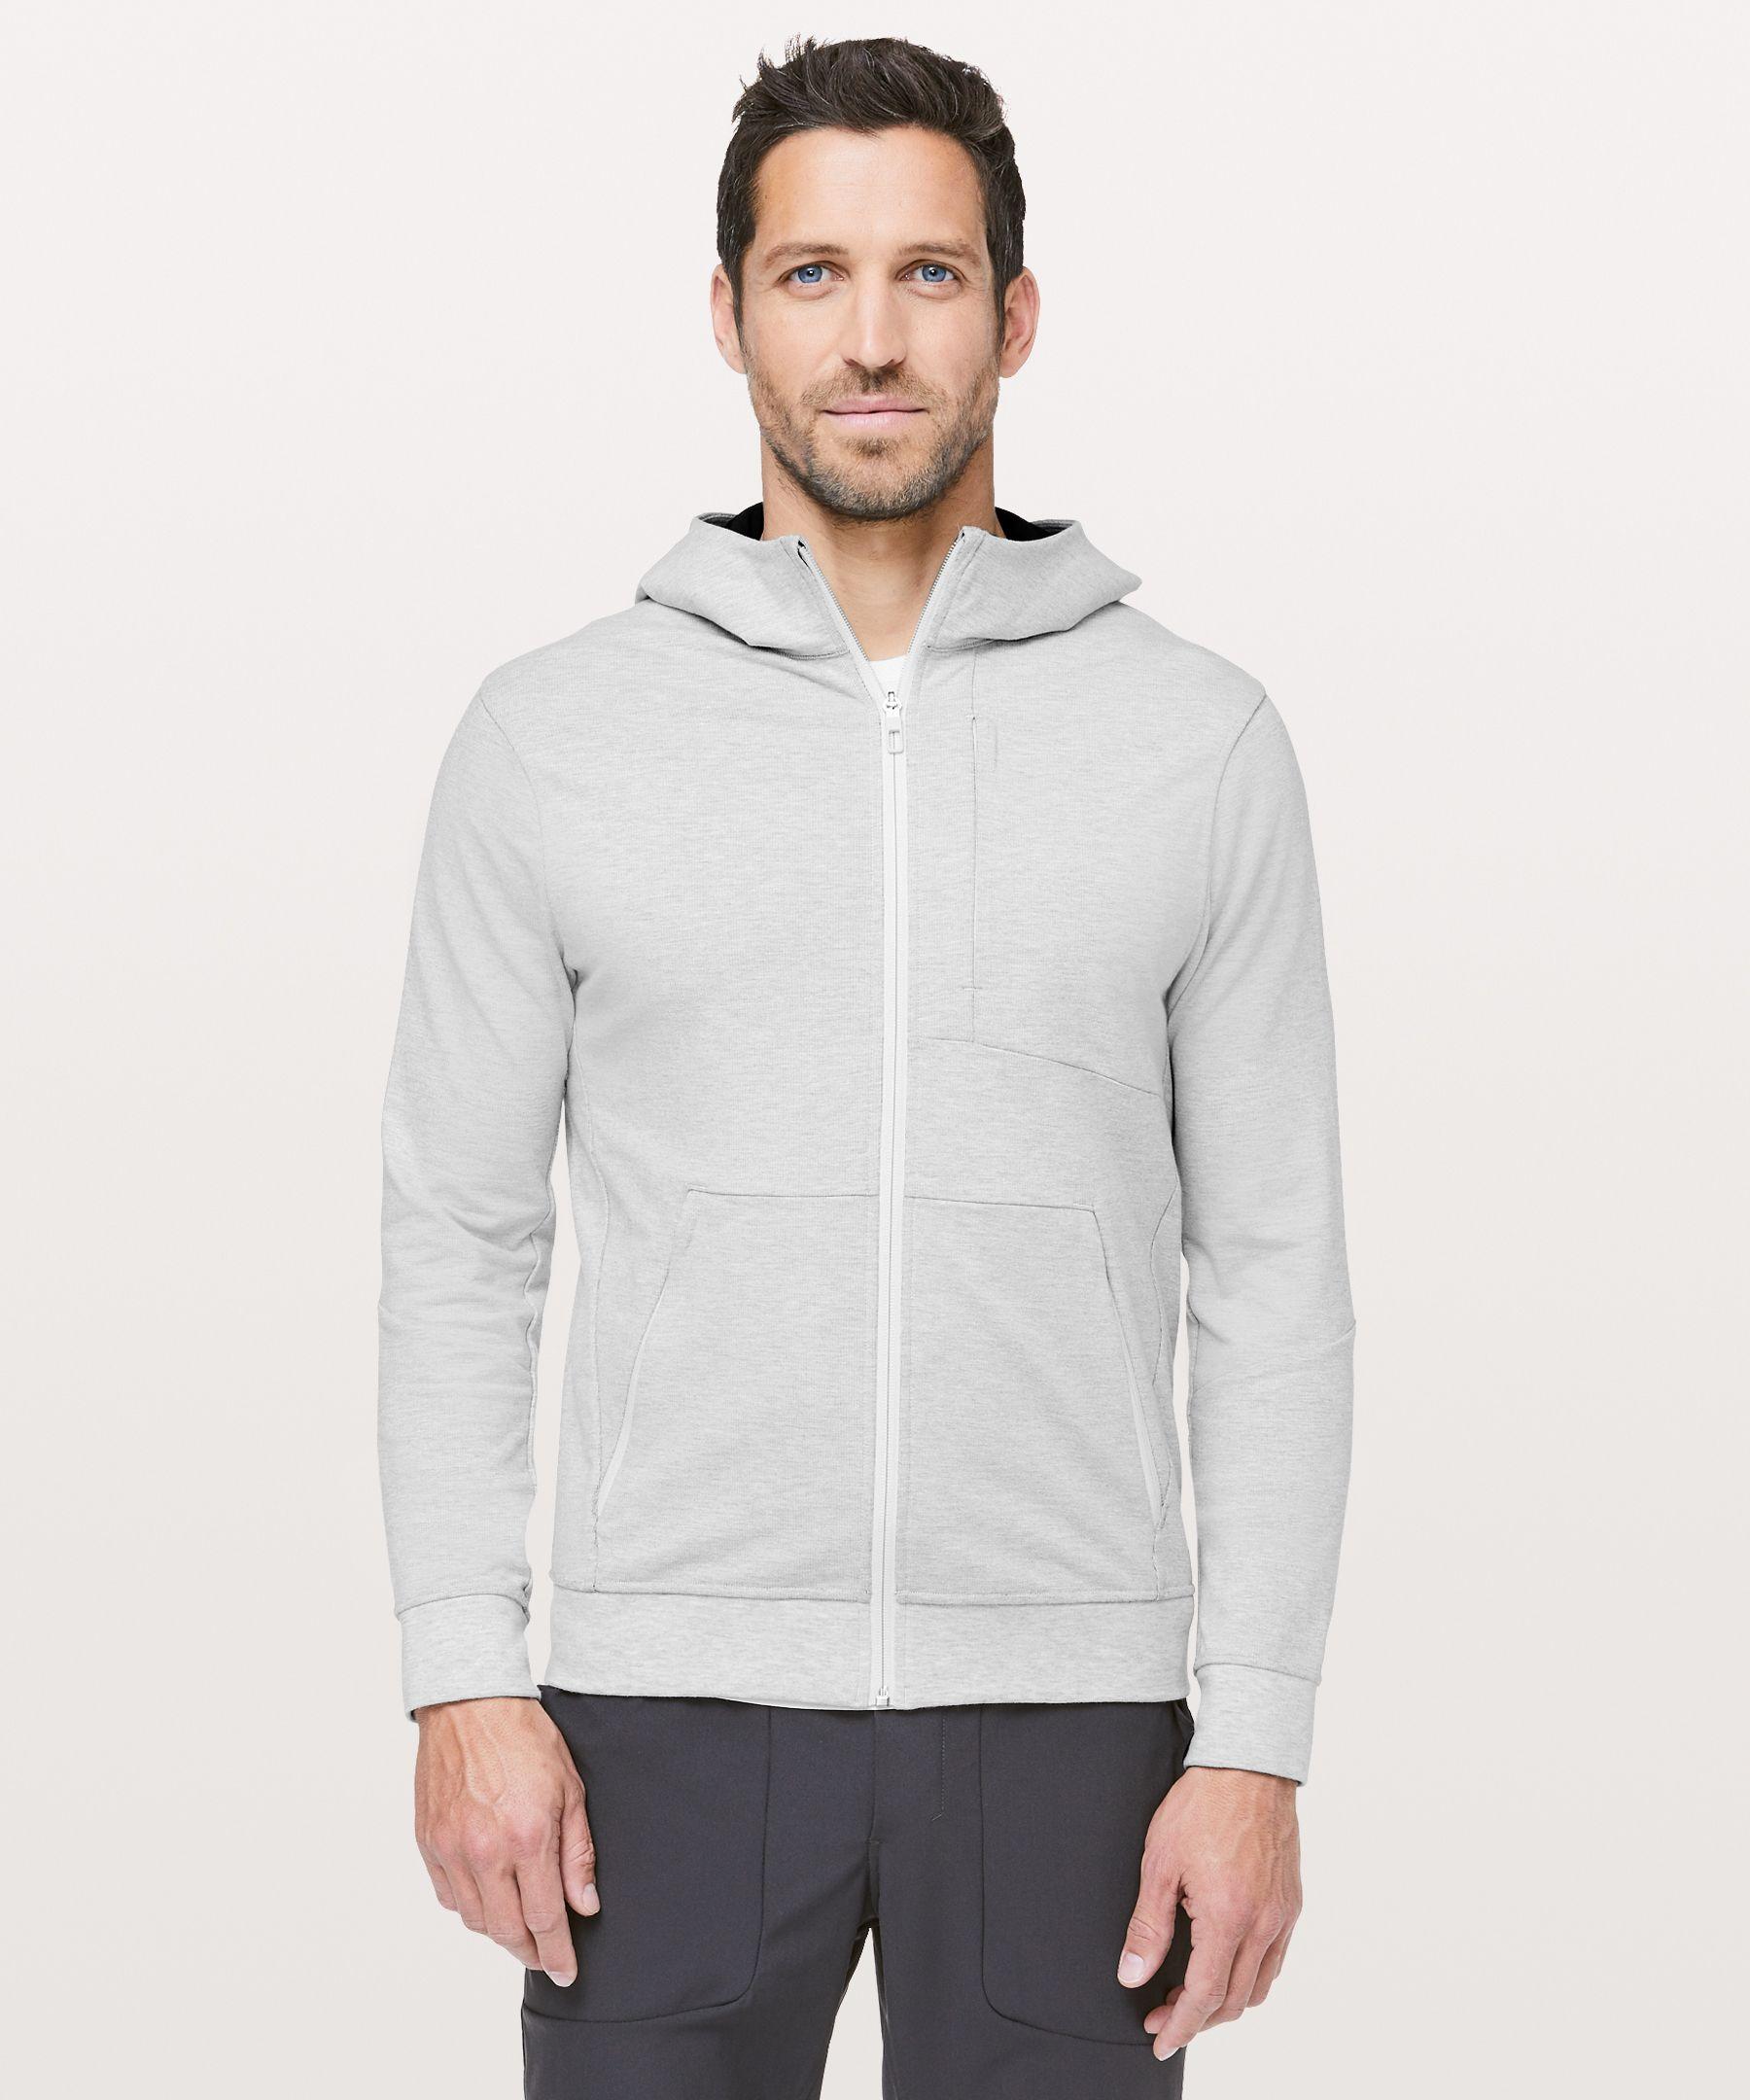 742b42e0f City Sweat Zip Hoodie | Men's Hoodies | lululemon athletica